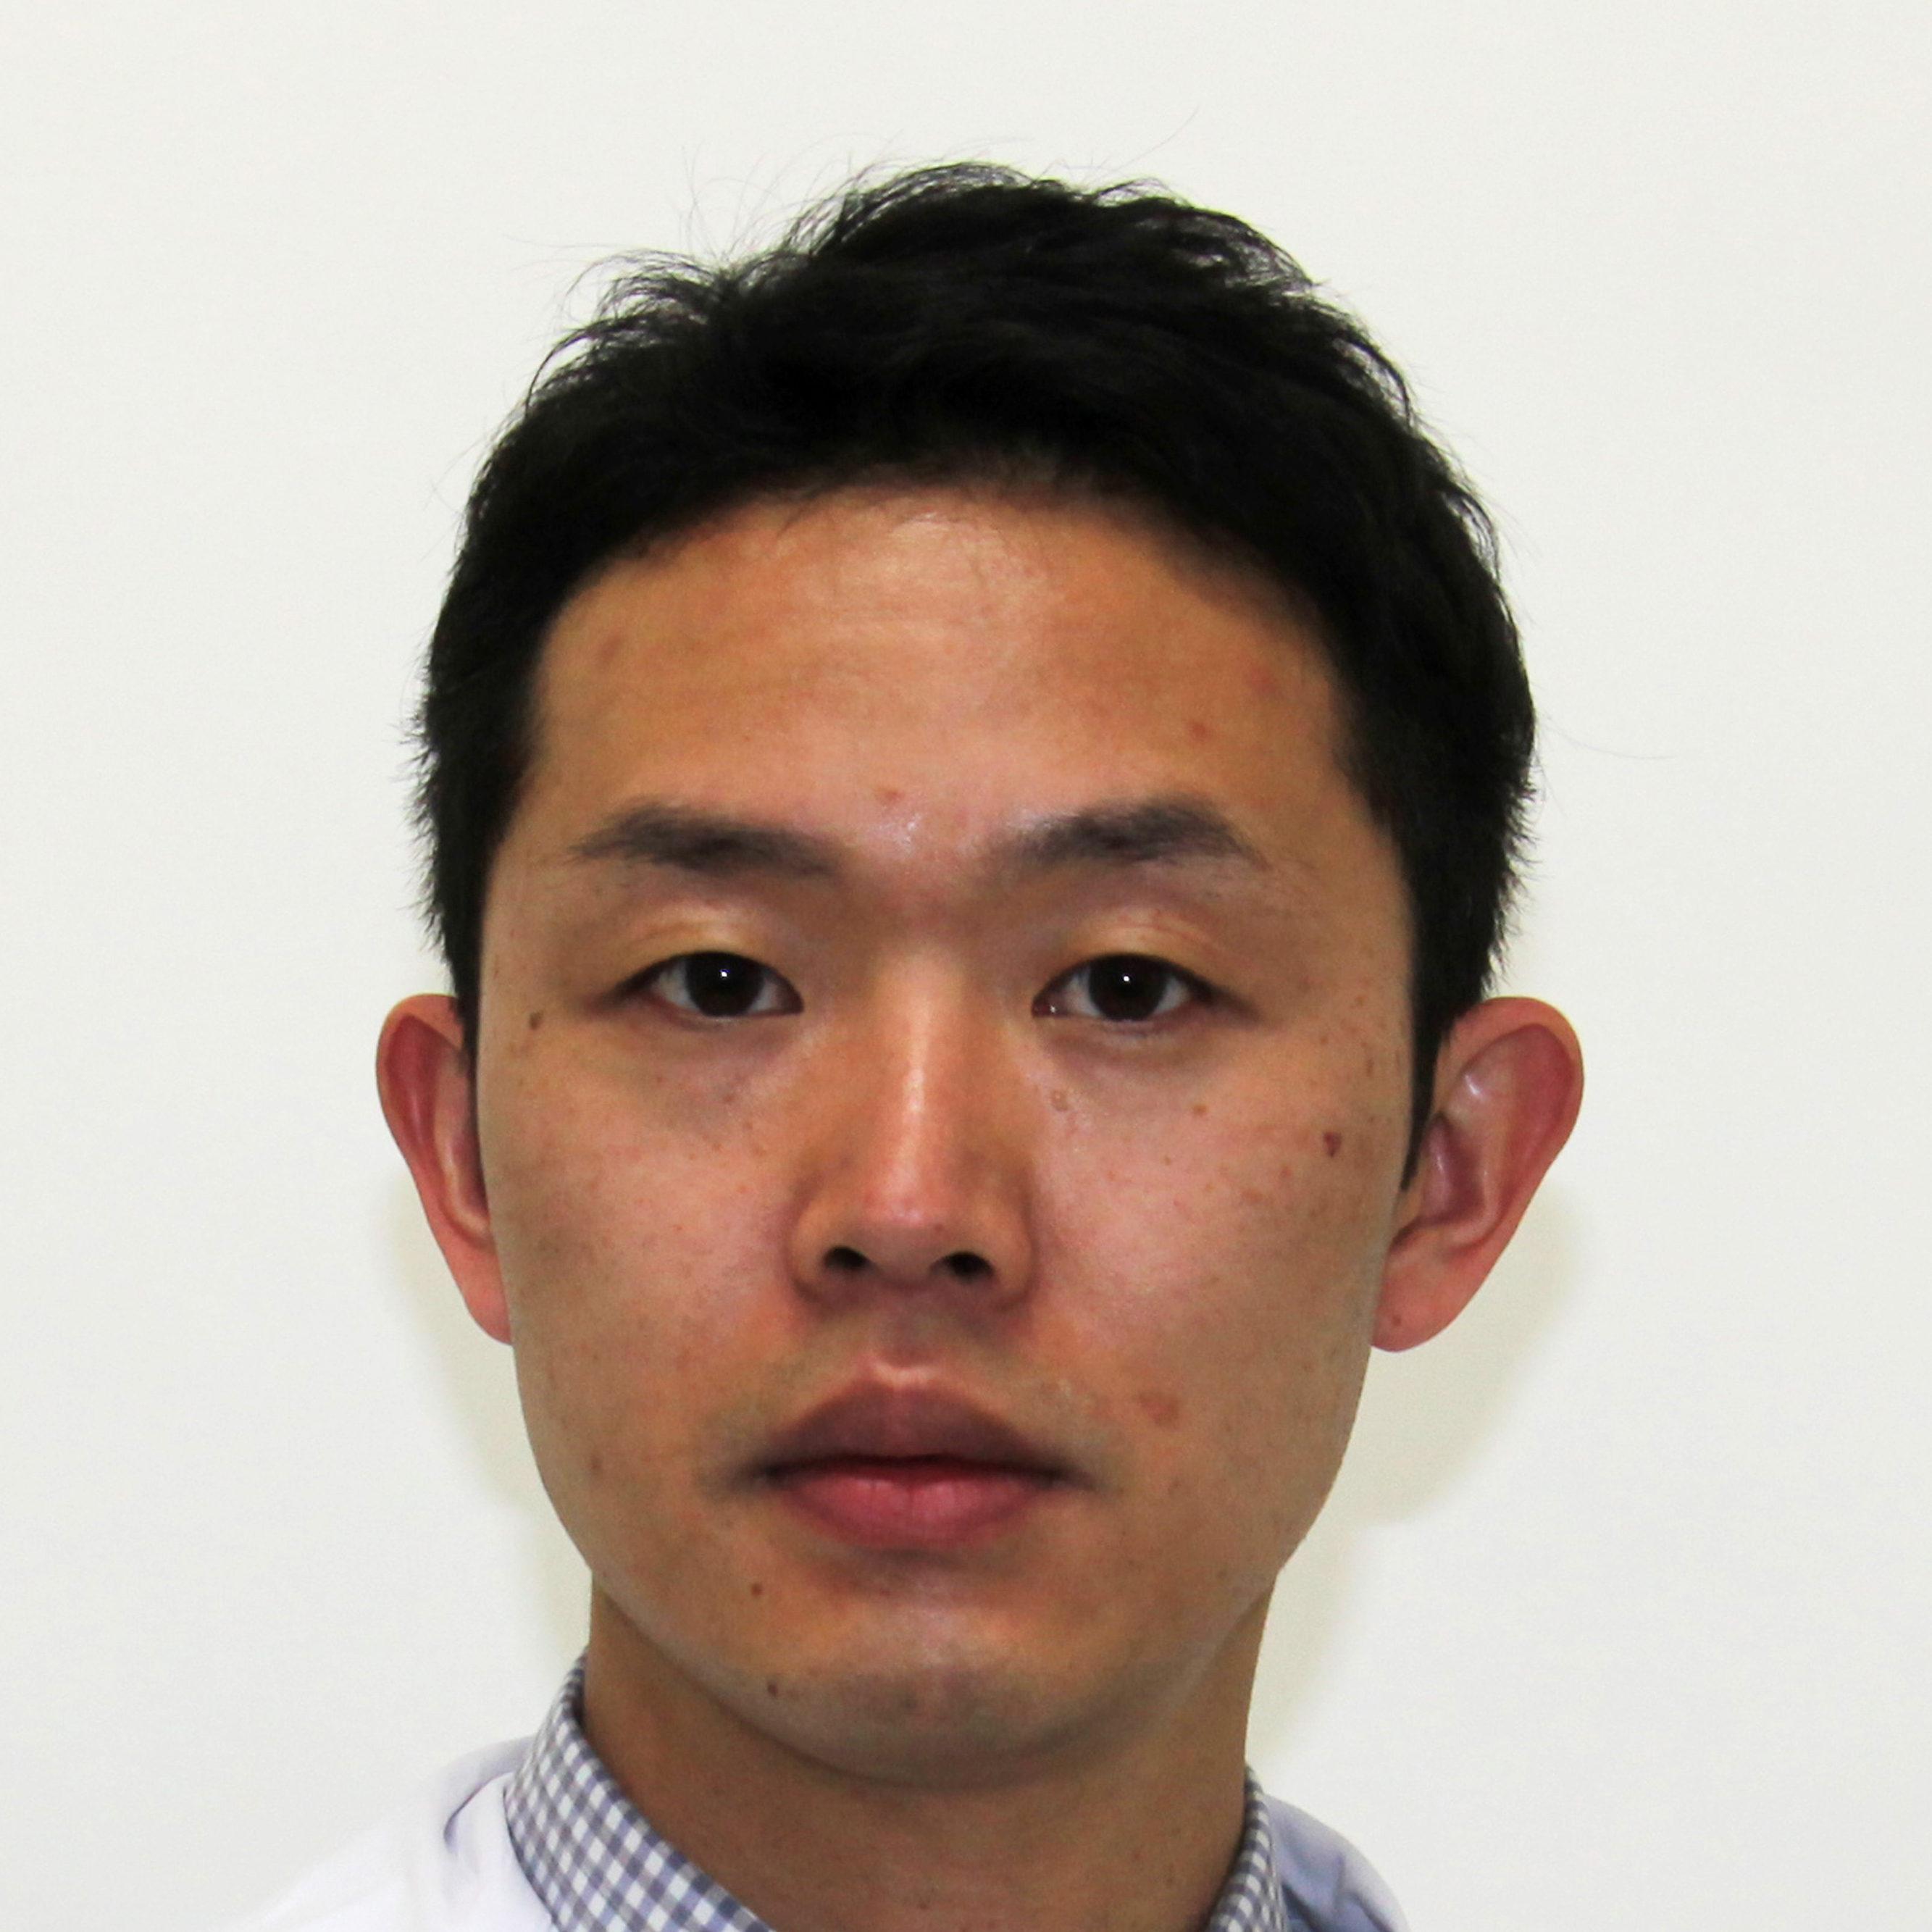 天野 信行 形成外科医師の写真